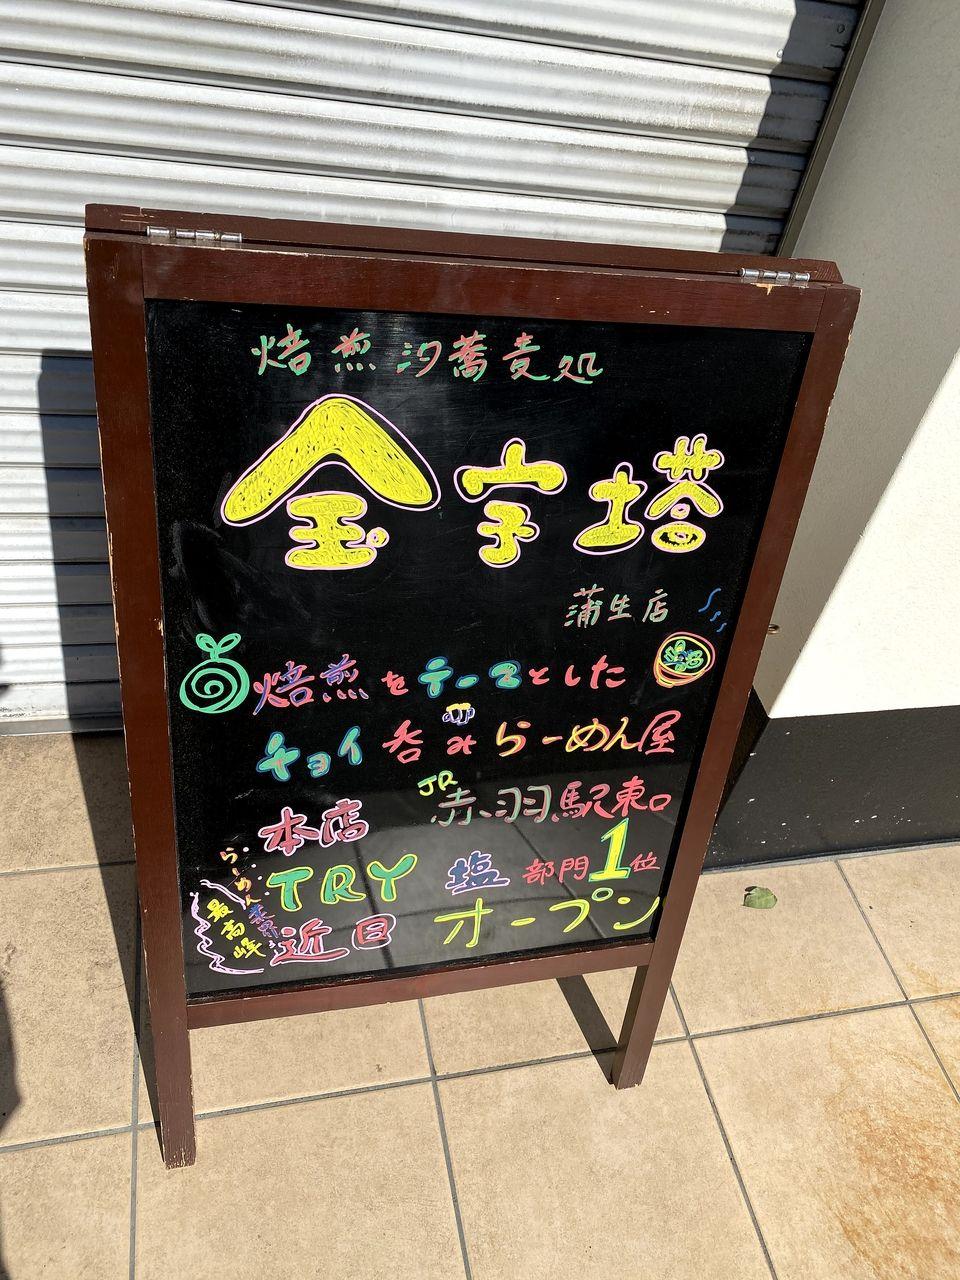 蒲生の中華 john tsun の場所に塩らーめん店が近日開店?